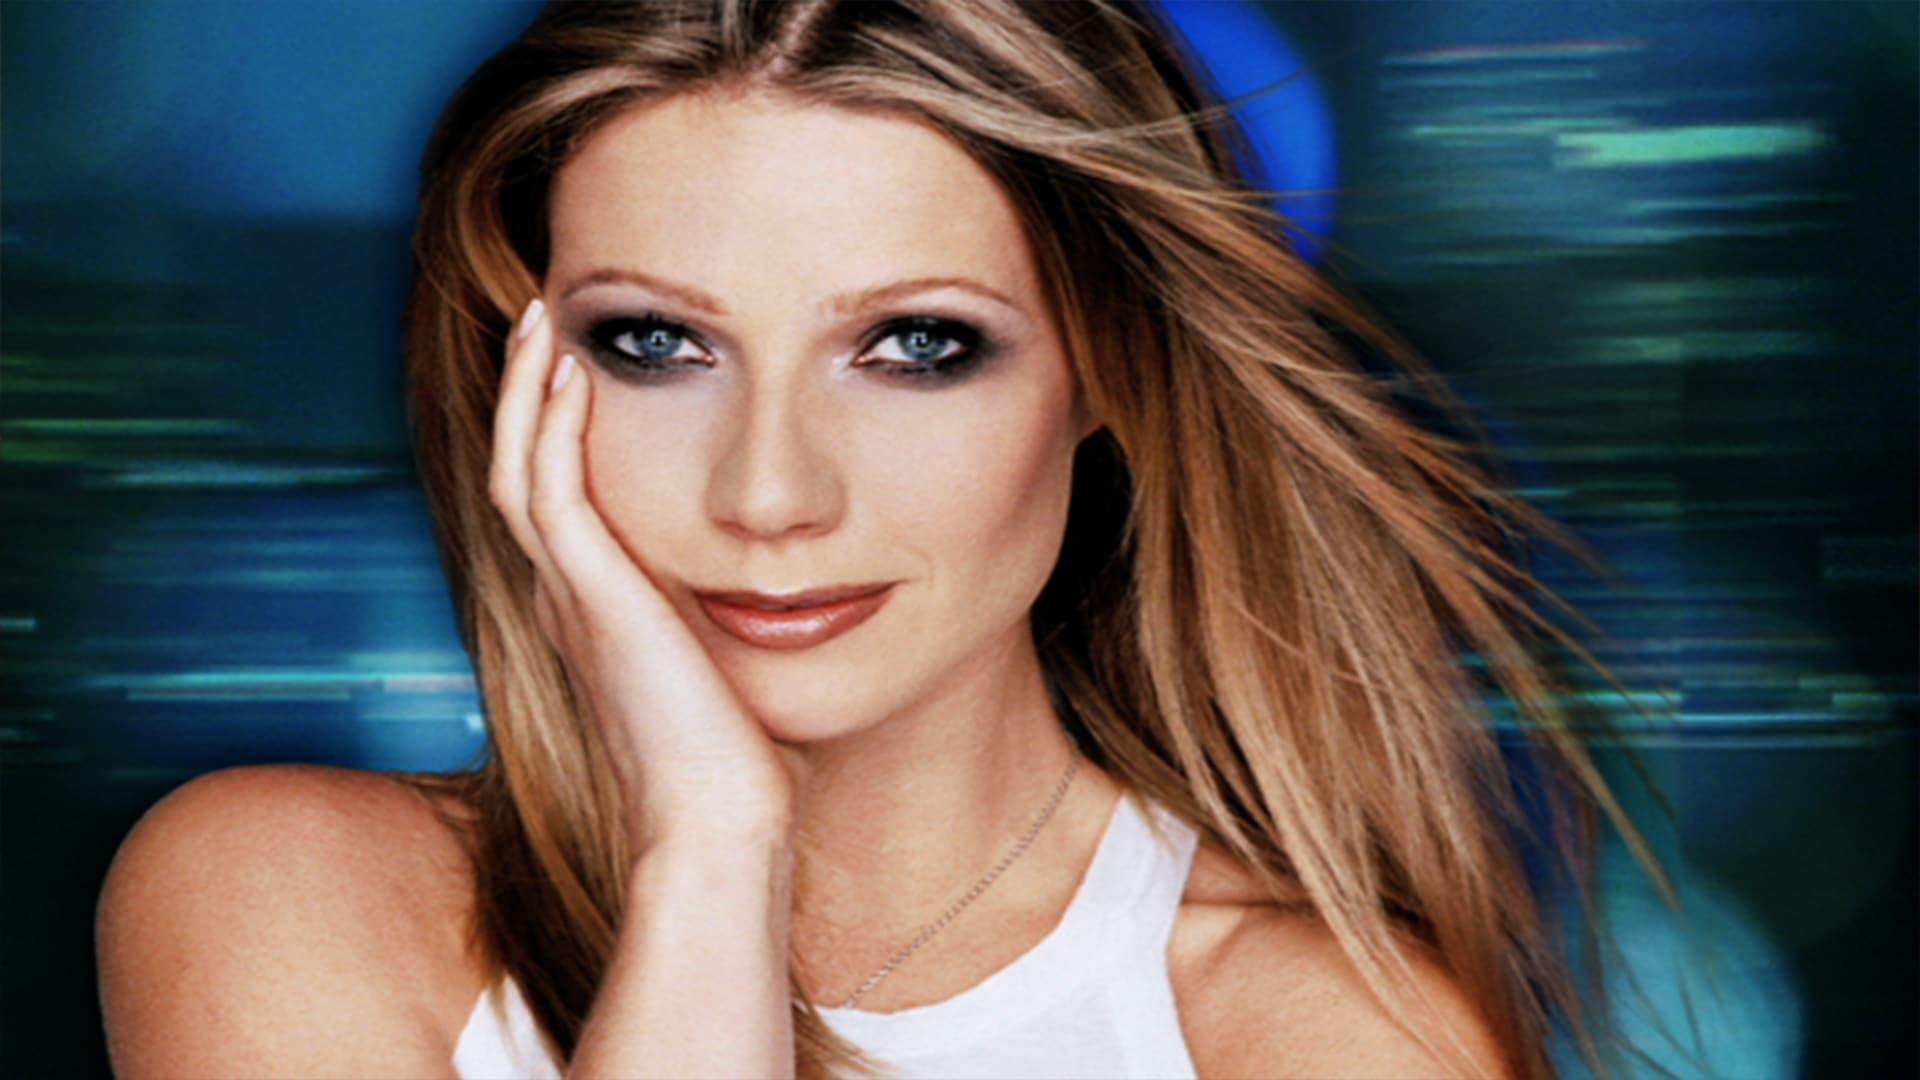 Gwyneth Paltrow: November 10, 2001